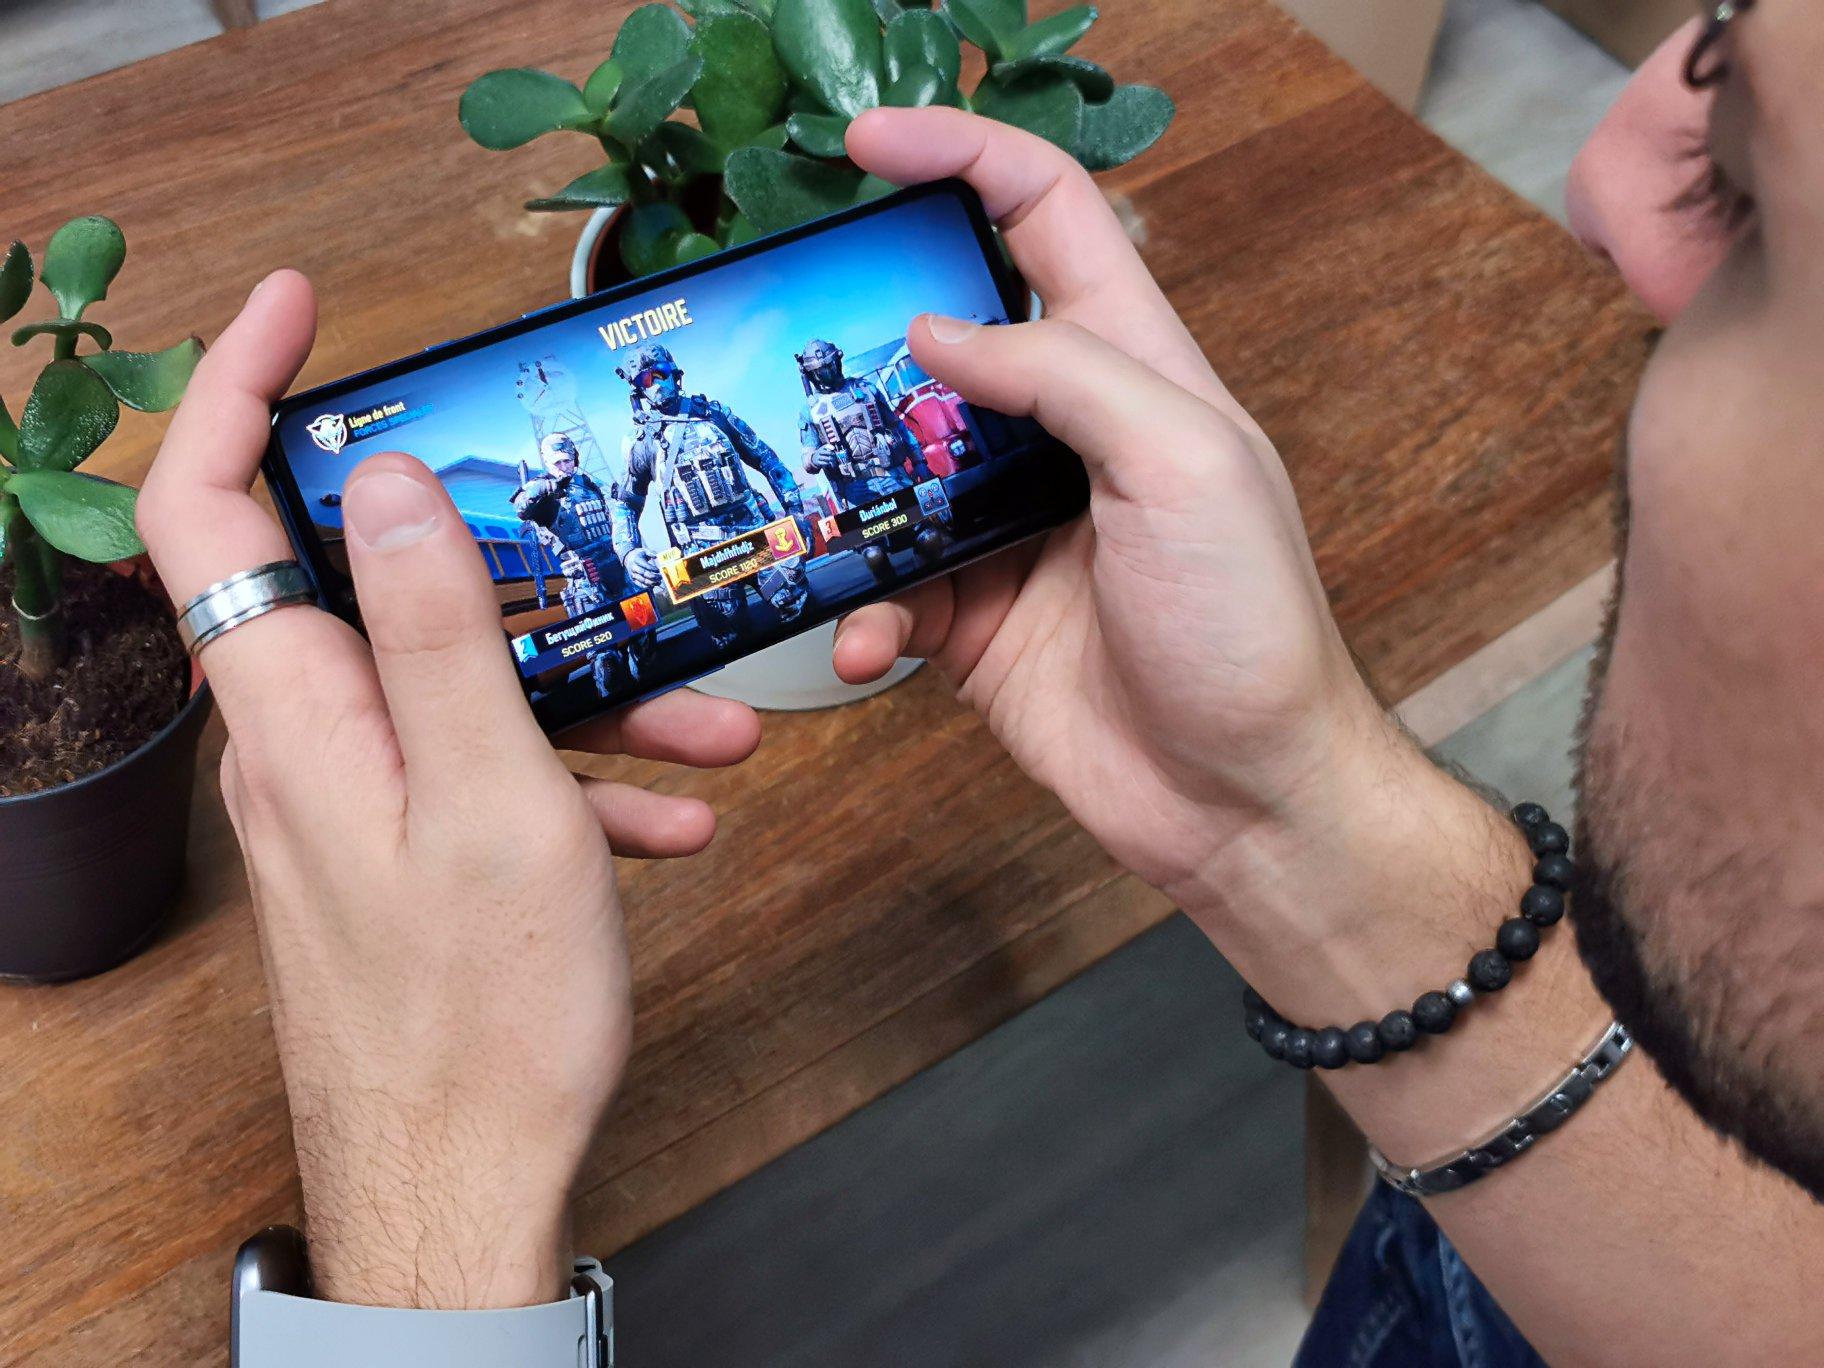 Les Meilleurs Fps Et Tps (Jeux De Tir) Sur Android Et Iphone avec Jeux Des Différences Gratuit En Ligne